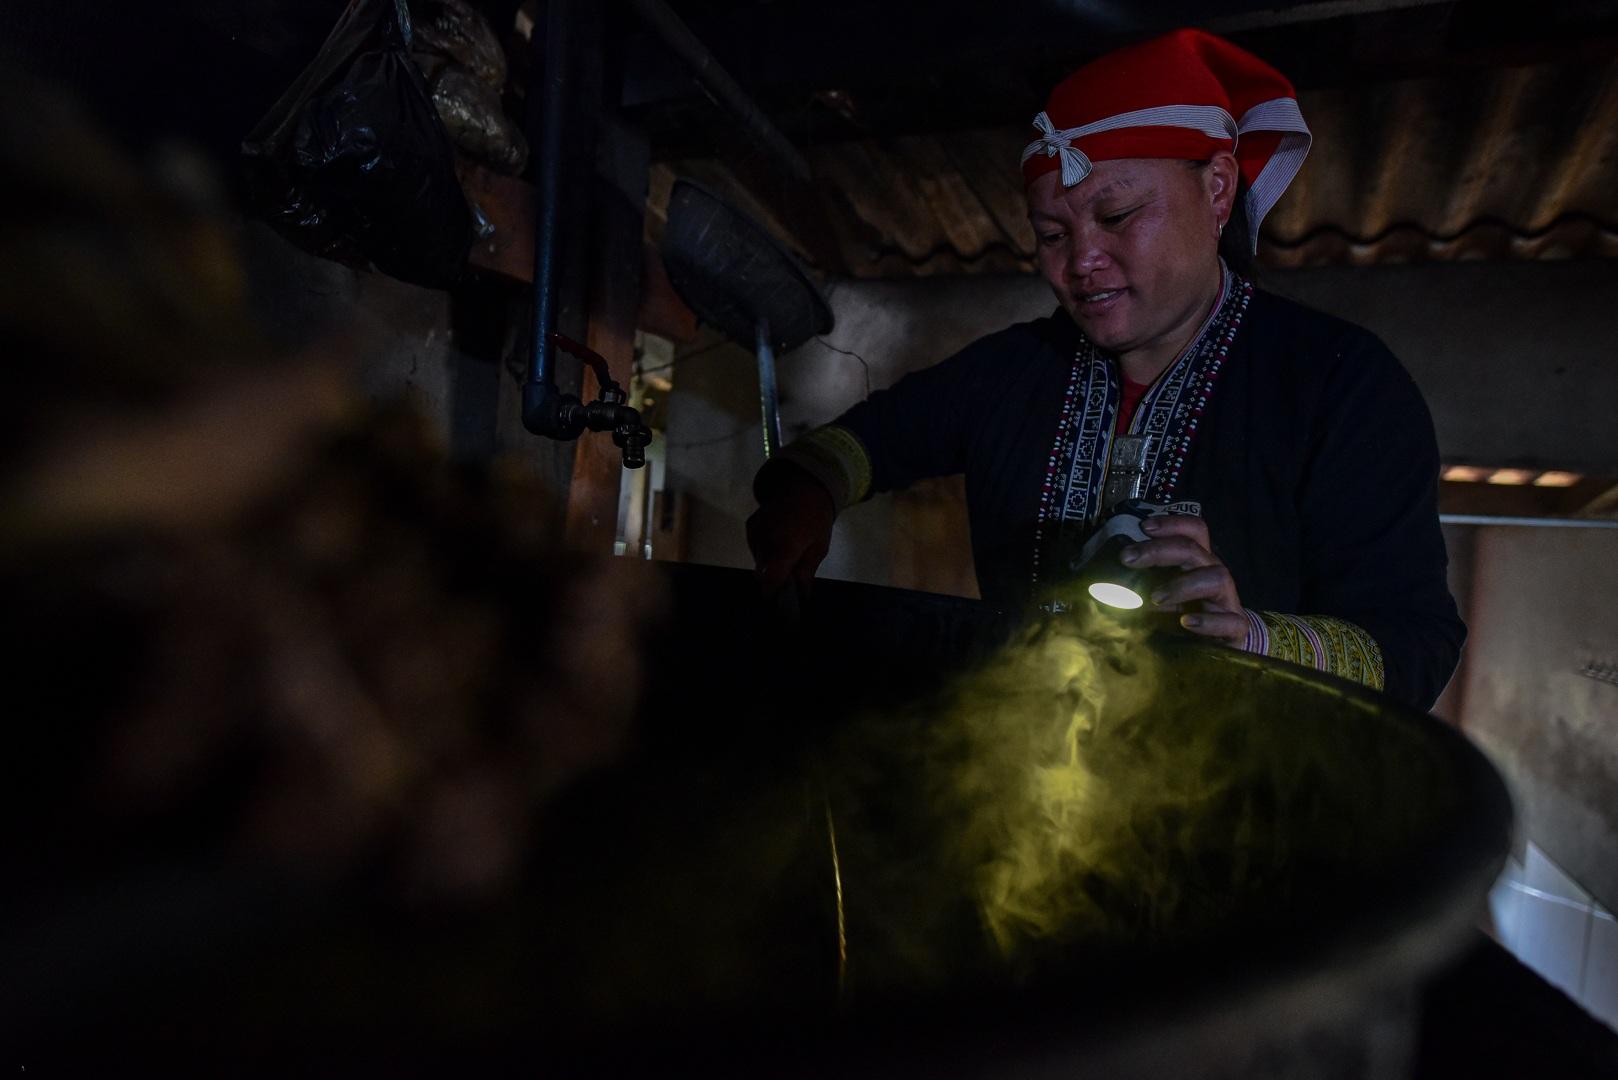 Băng rừng theo người Dao đỏ Sapa đi hái lá thuốc tắm thần dược - 25